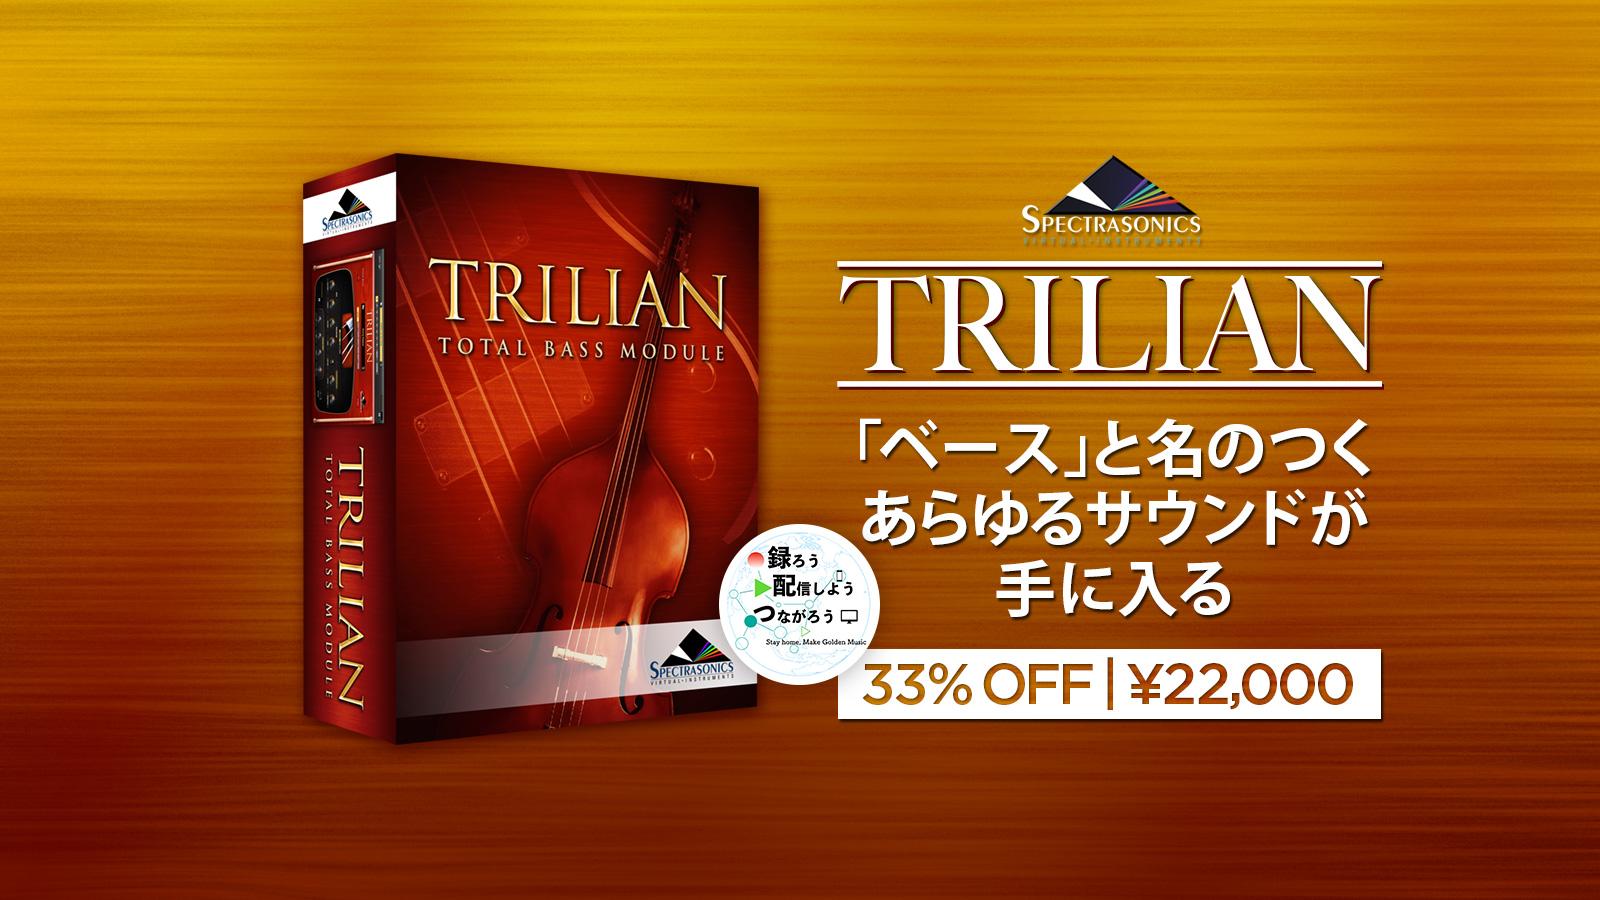 「ベース」と名のつくあらゆるサウンドが手に入る。Spectrasonics Trilianが日本限定価格!